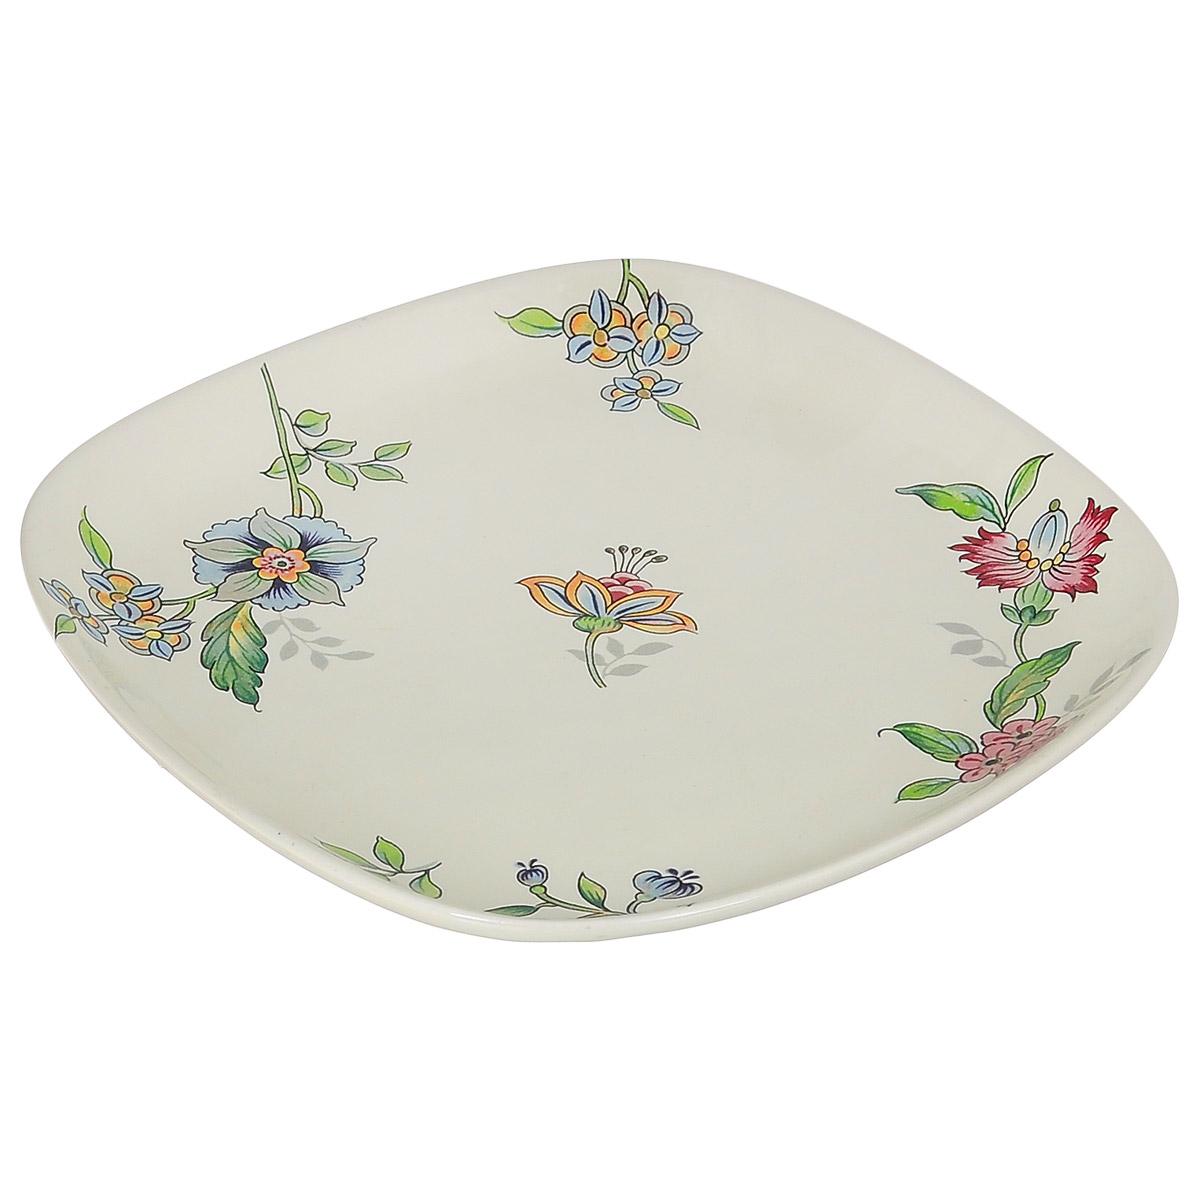 Тарелка Nuova Cer Прованс, 19 см х 19 смPRV-1590/4Изящная тарелка Nuova Cer Прованс изготовлена из высококачественной керамики. Изделие оформлено красочным изображением цветов. Предназначена для сервировки закусок и различных блюд. Оригинальная тарелка прекрасно оформит стол и порадует вас лаконичным и ярким дизайном.Можно использовать в микроволновой печи и мыть в посудомоечной машине.Размер тарелки (по верхнему краю): 19 см х 19 см.Высота тарелки: 2,2 см.